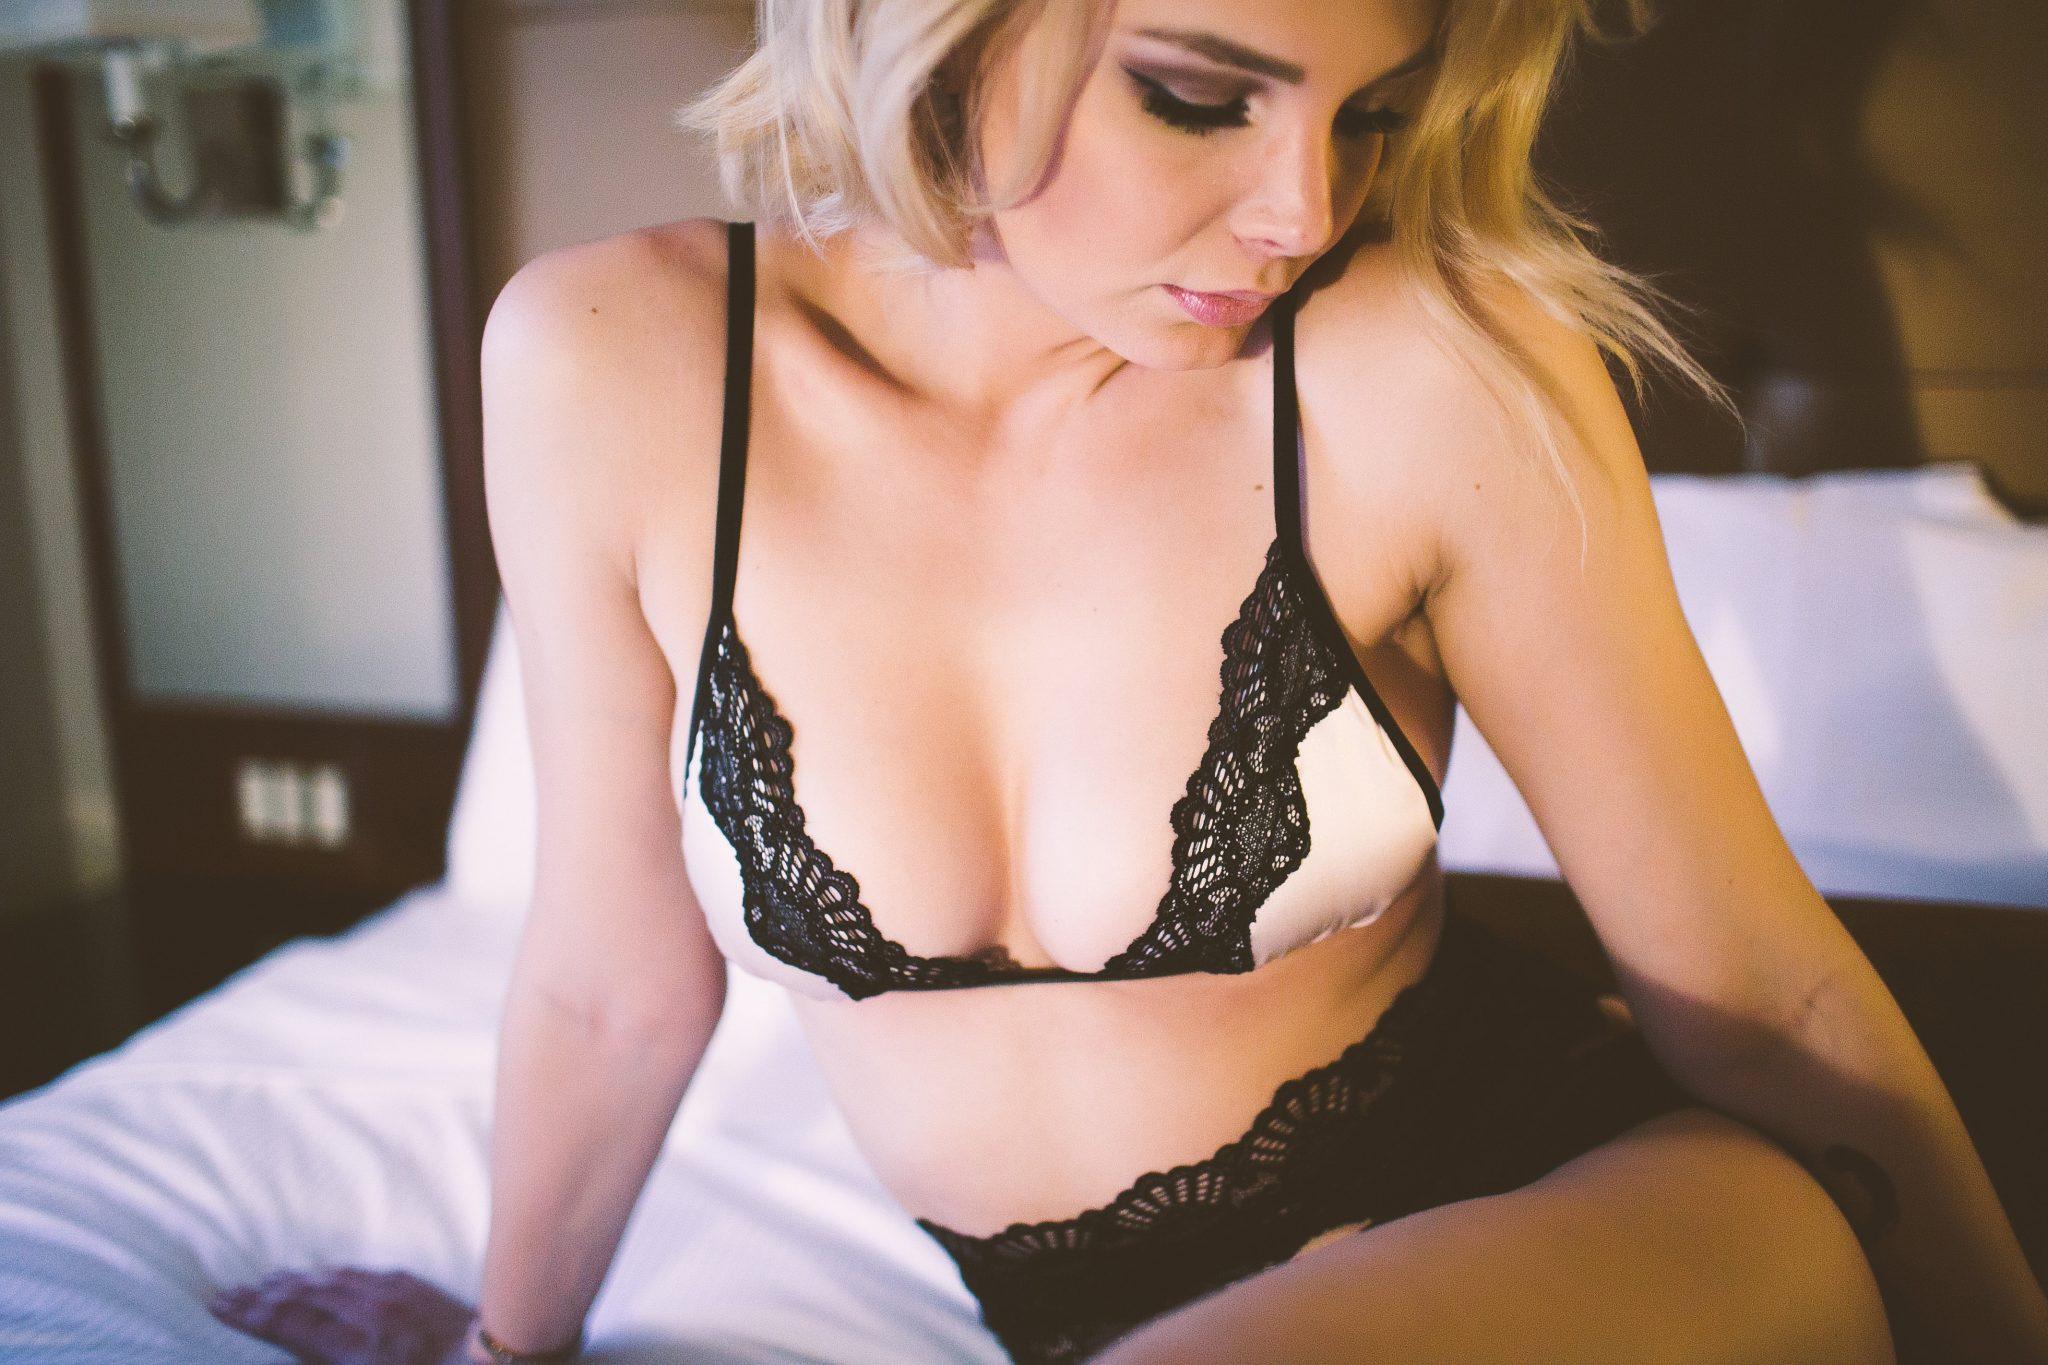 A woman taking boudoir photos at a bachelorette party